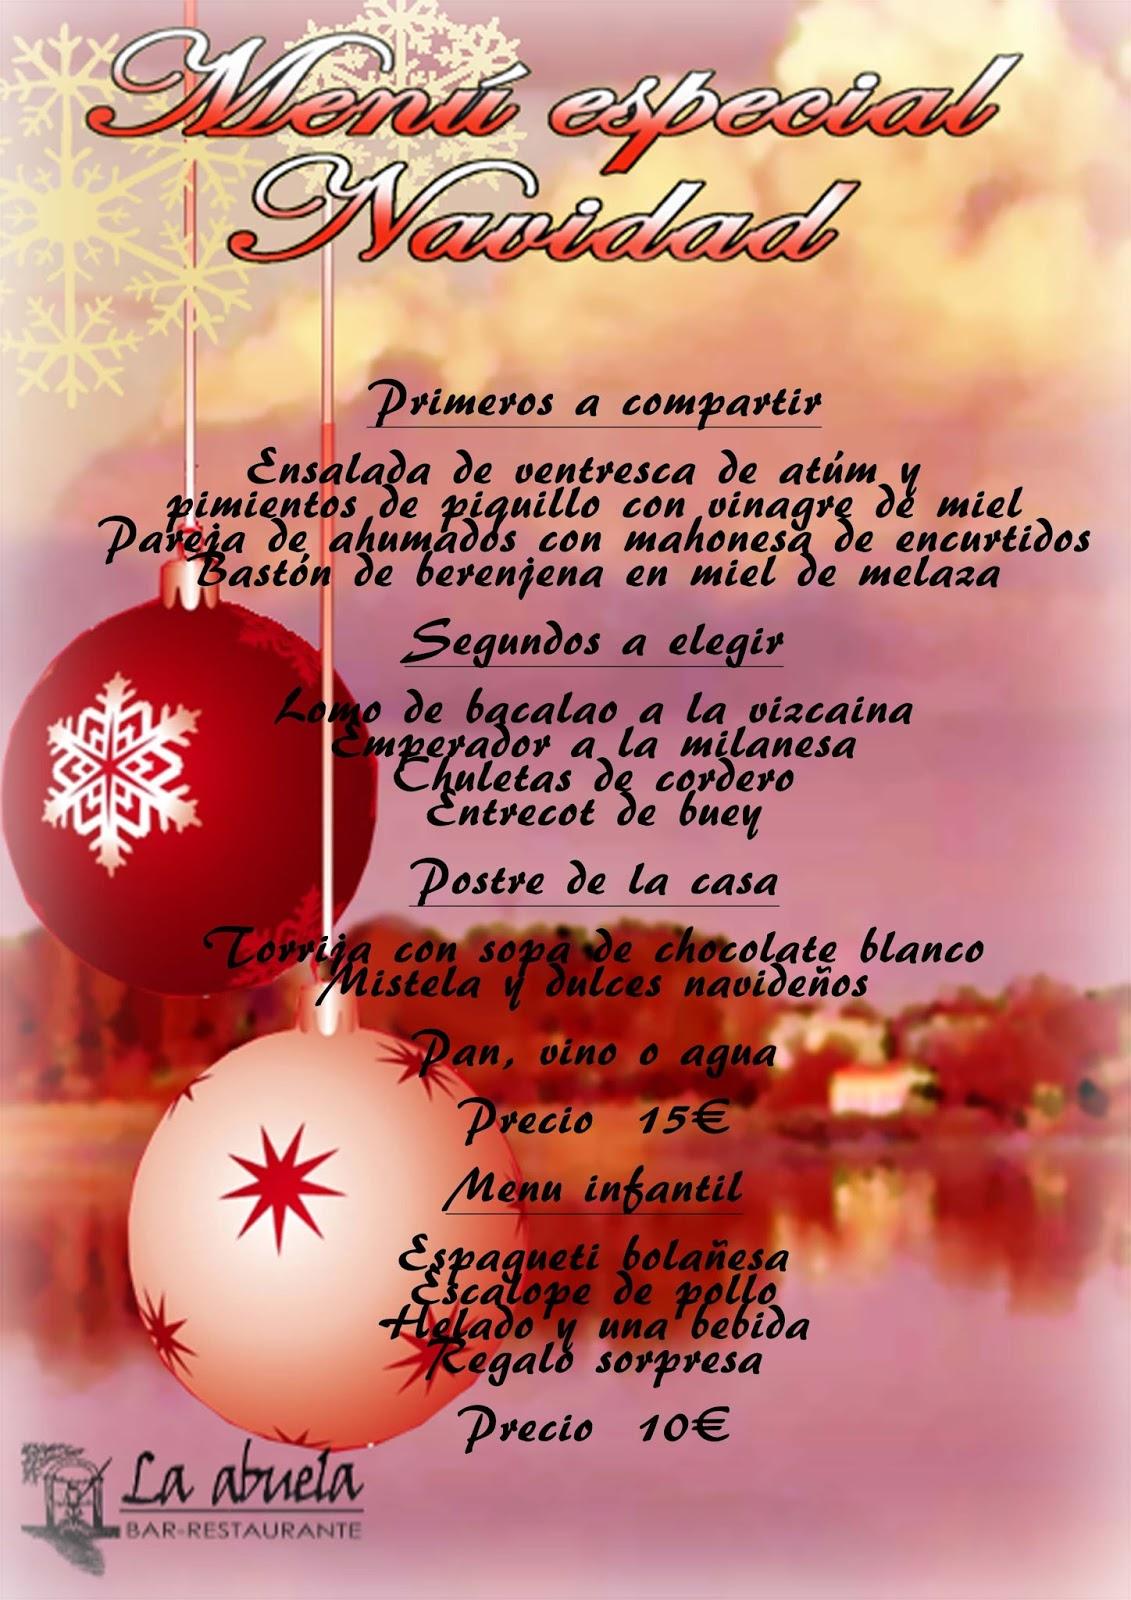 restaurante La Abuela: MENU NAVIDAD